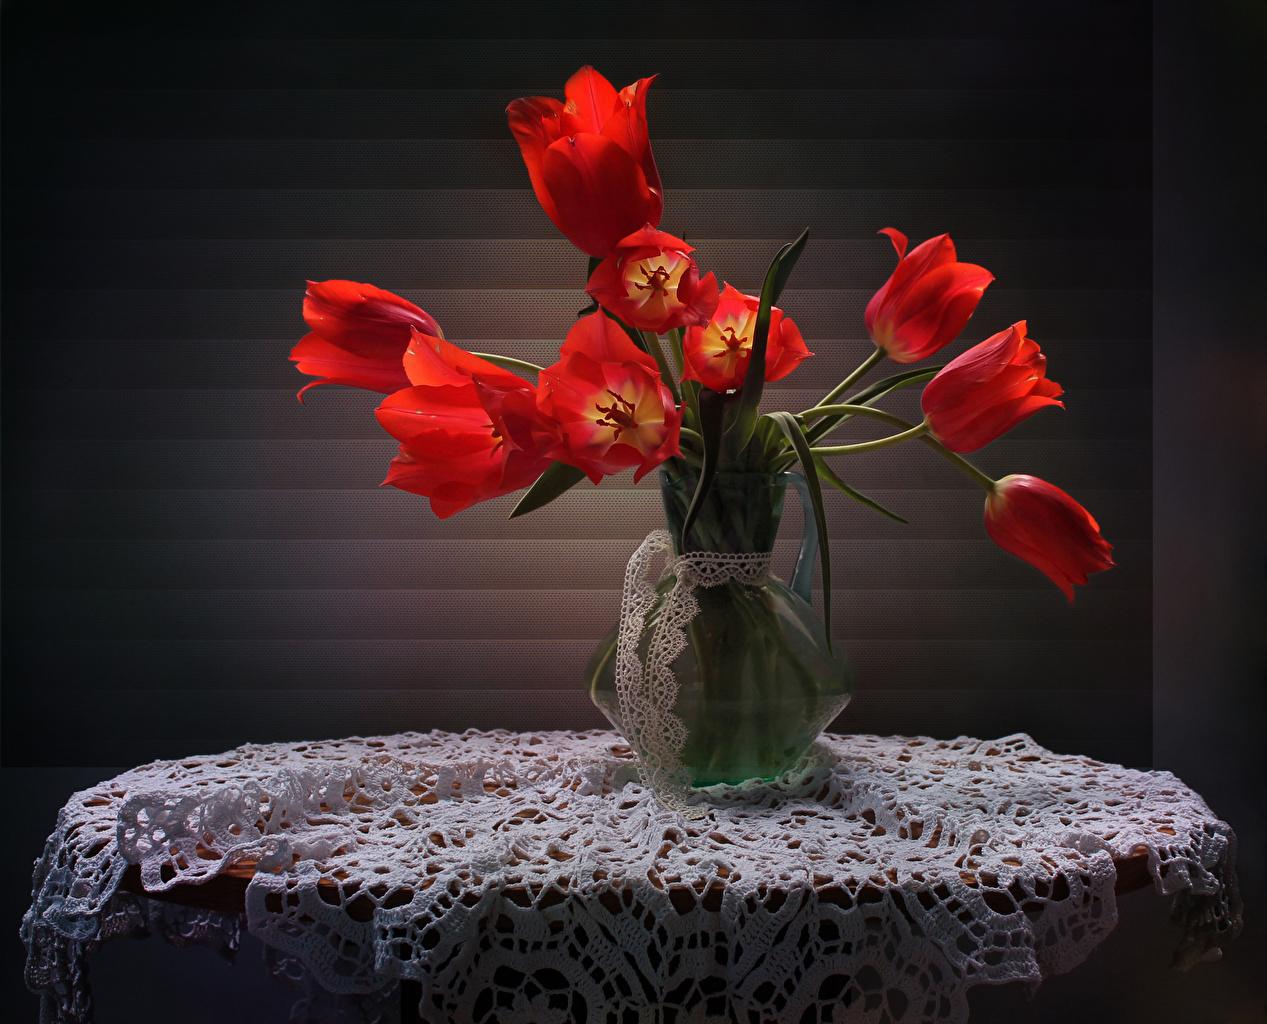 Фотографии красные Тюльпаны Цветы Ваза столы красных Красный красная тюльпан цветок вазы вазе Стол стола